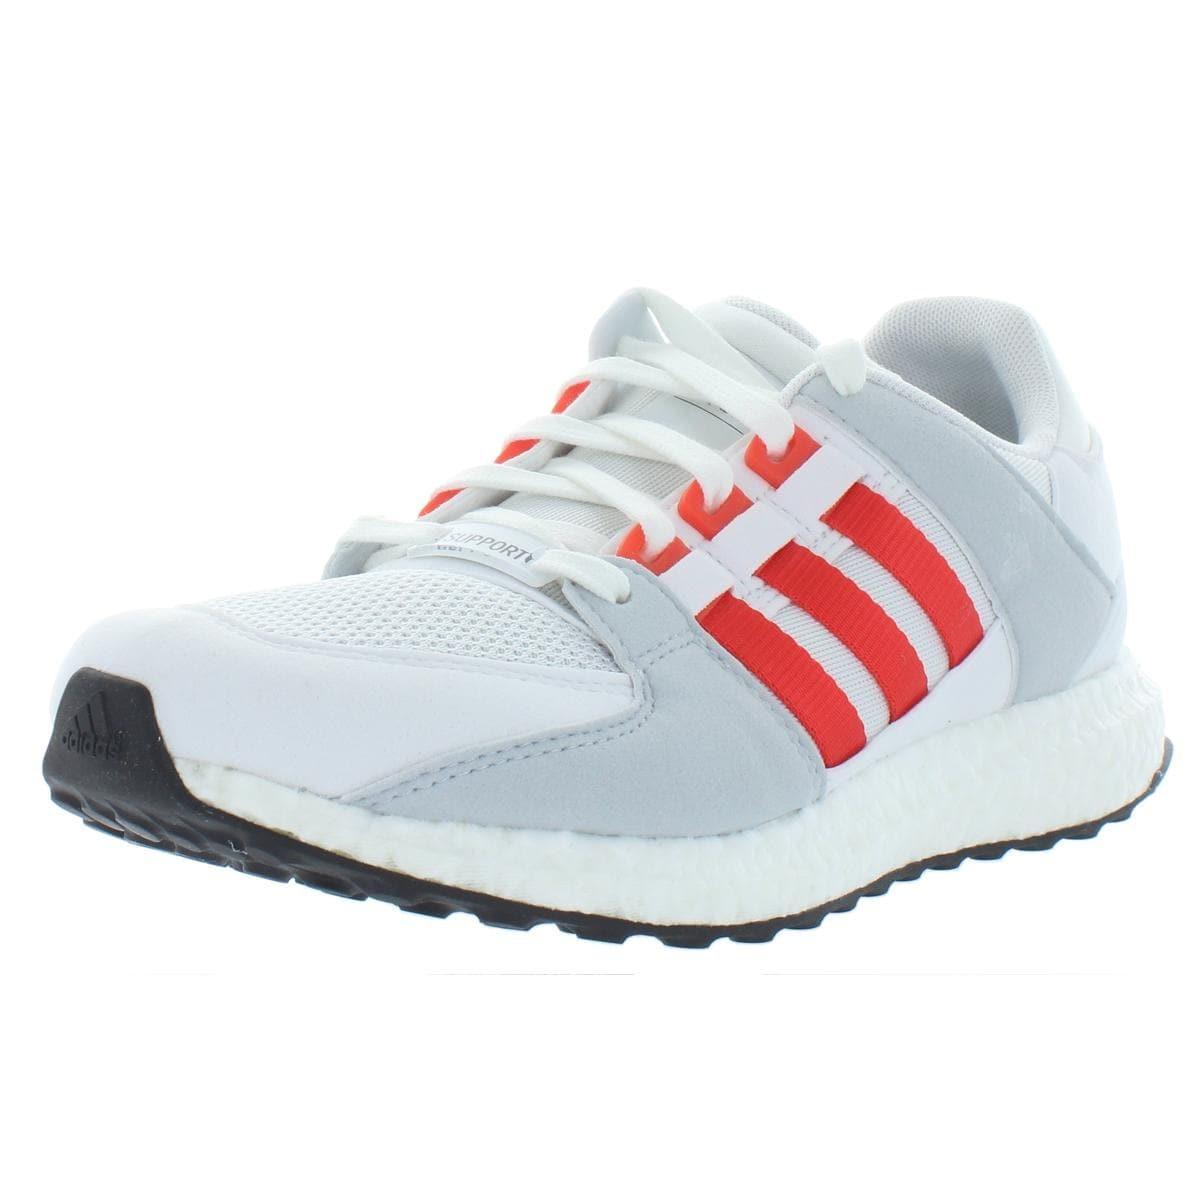 adidas ultra lightweight running shoes